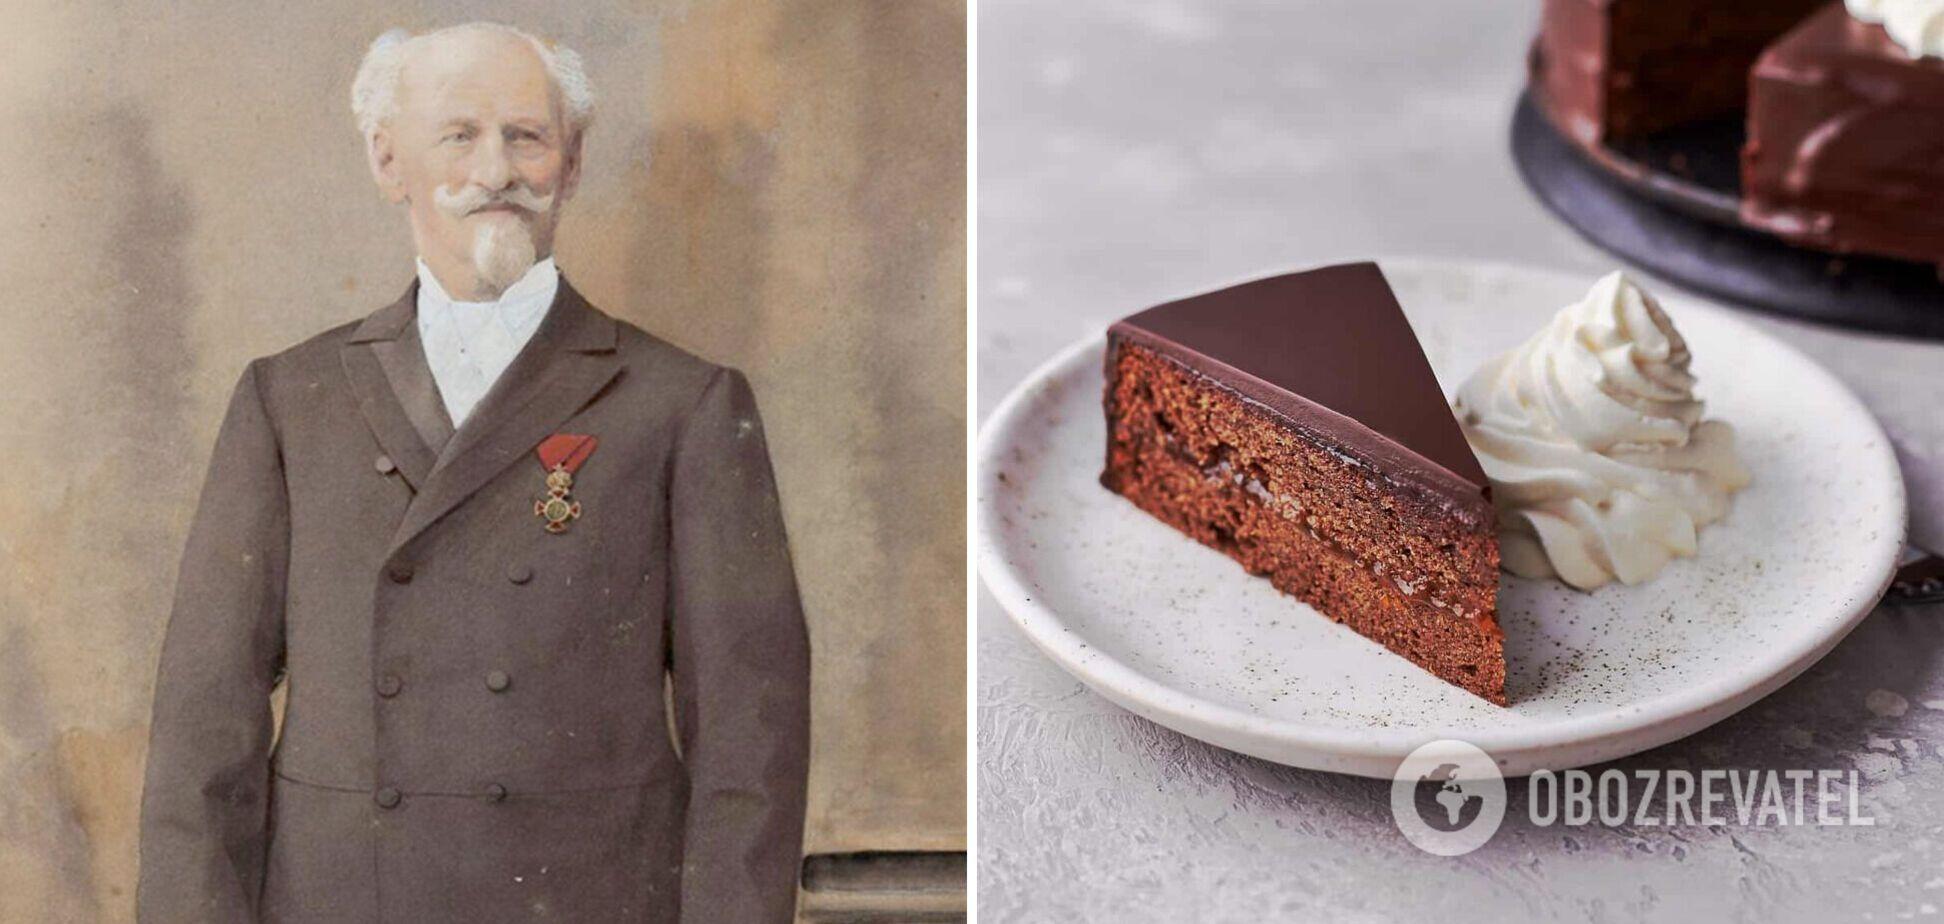 Історія та рецепт торта 'Захер'